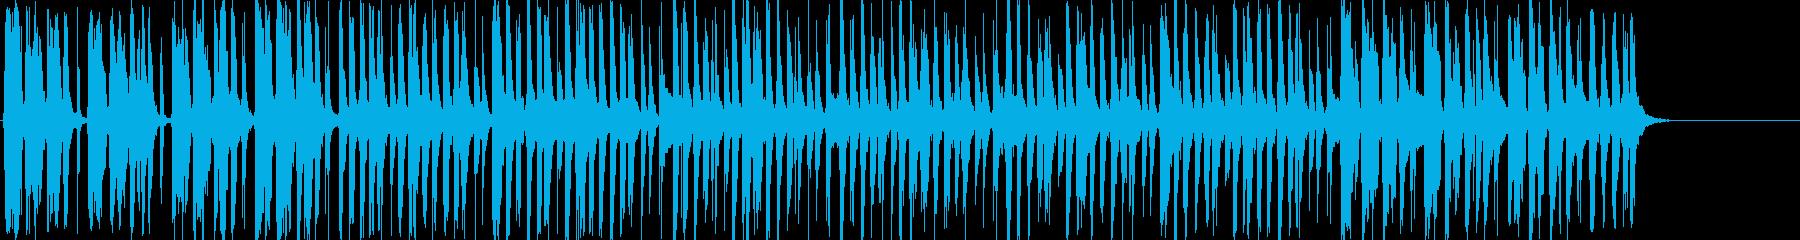 明るく楽しい口笛メインのBGMの再生済みの波形